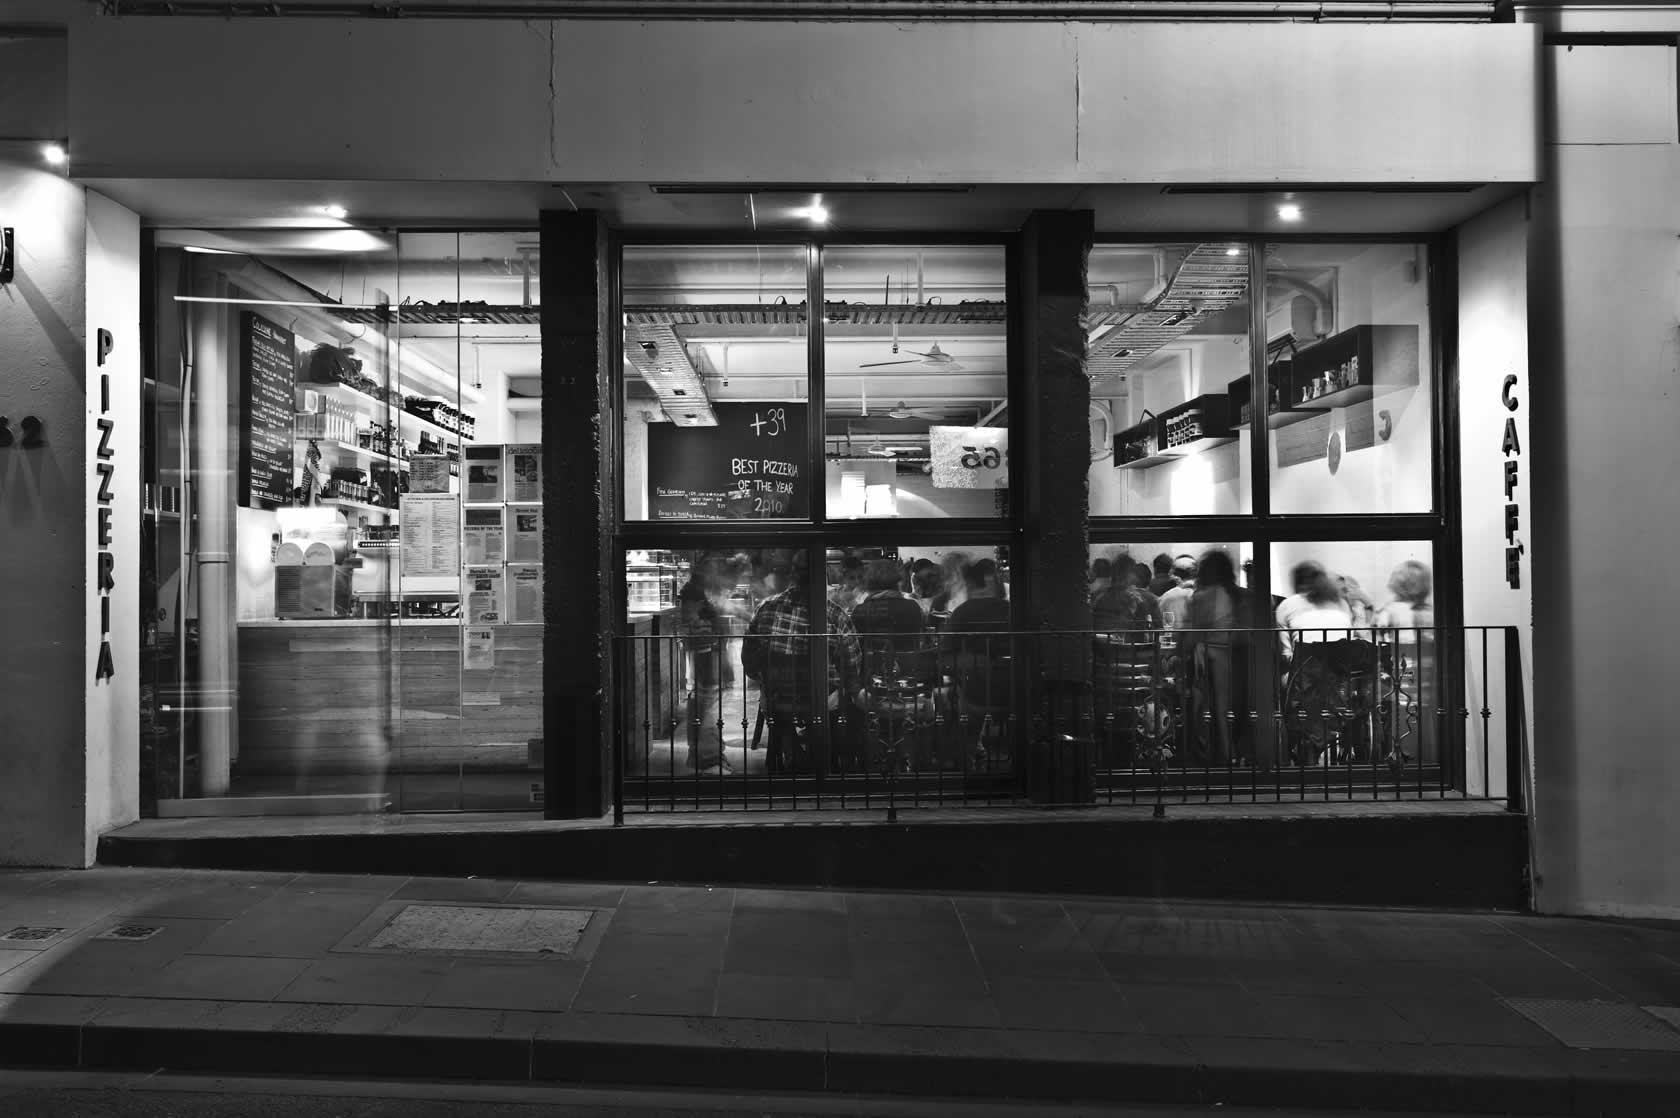 Pizzeria 39 - Office du tourisme melbourne ...